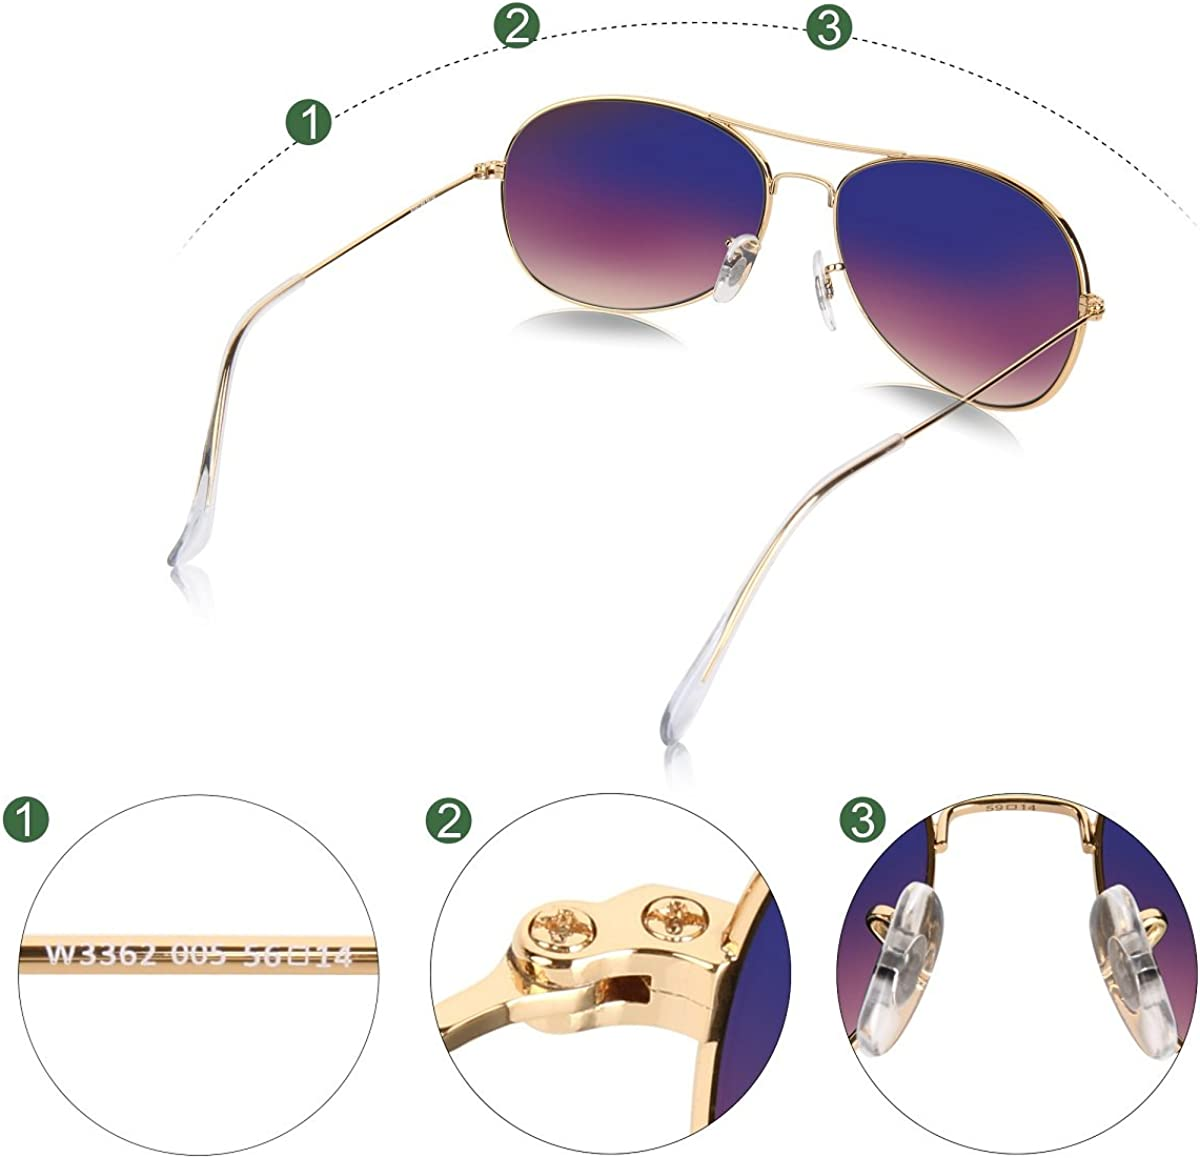 Wenlenie Lunettes de soleil aviateur petit visage nuances pour femmes cadre en or avec lentille de lunettes